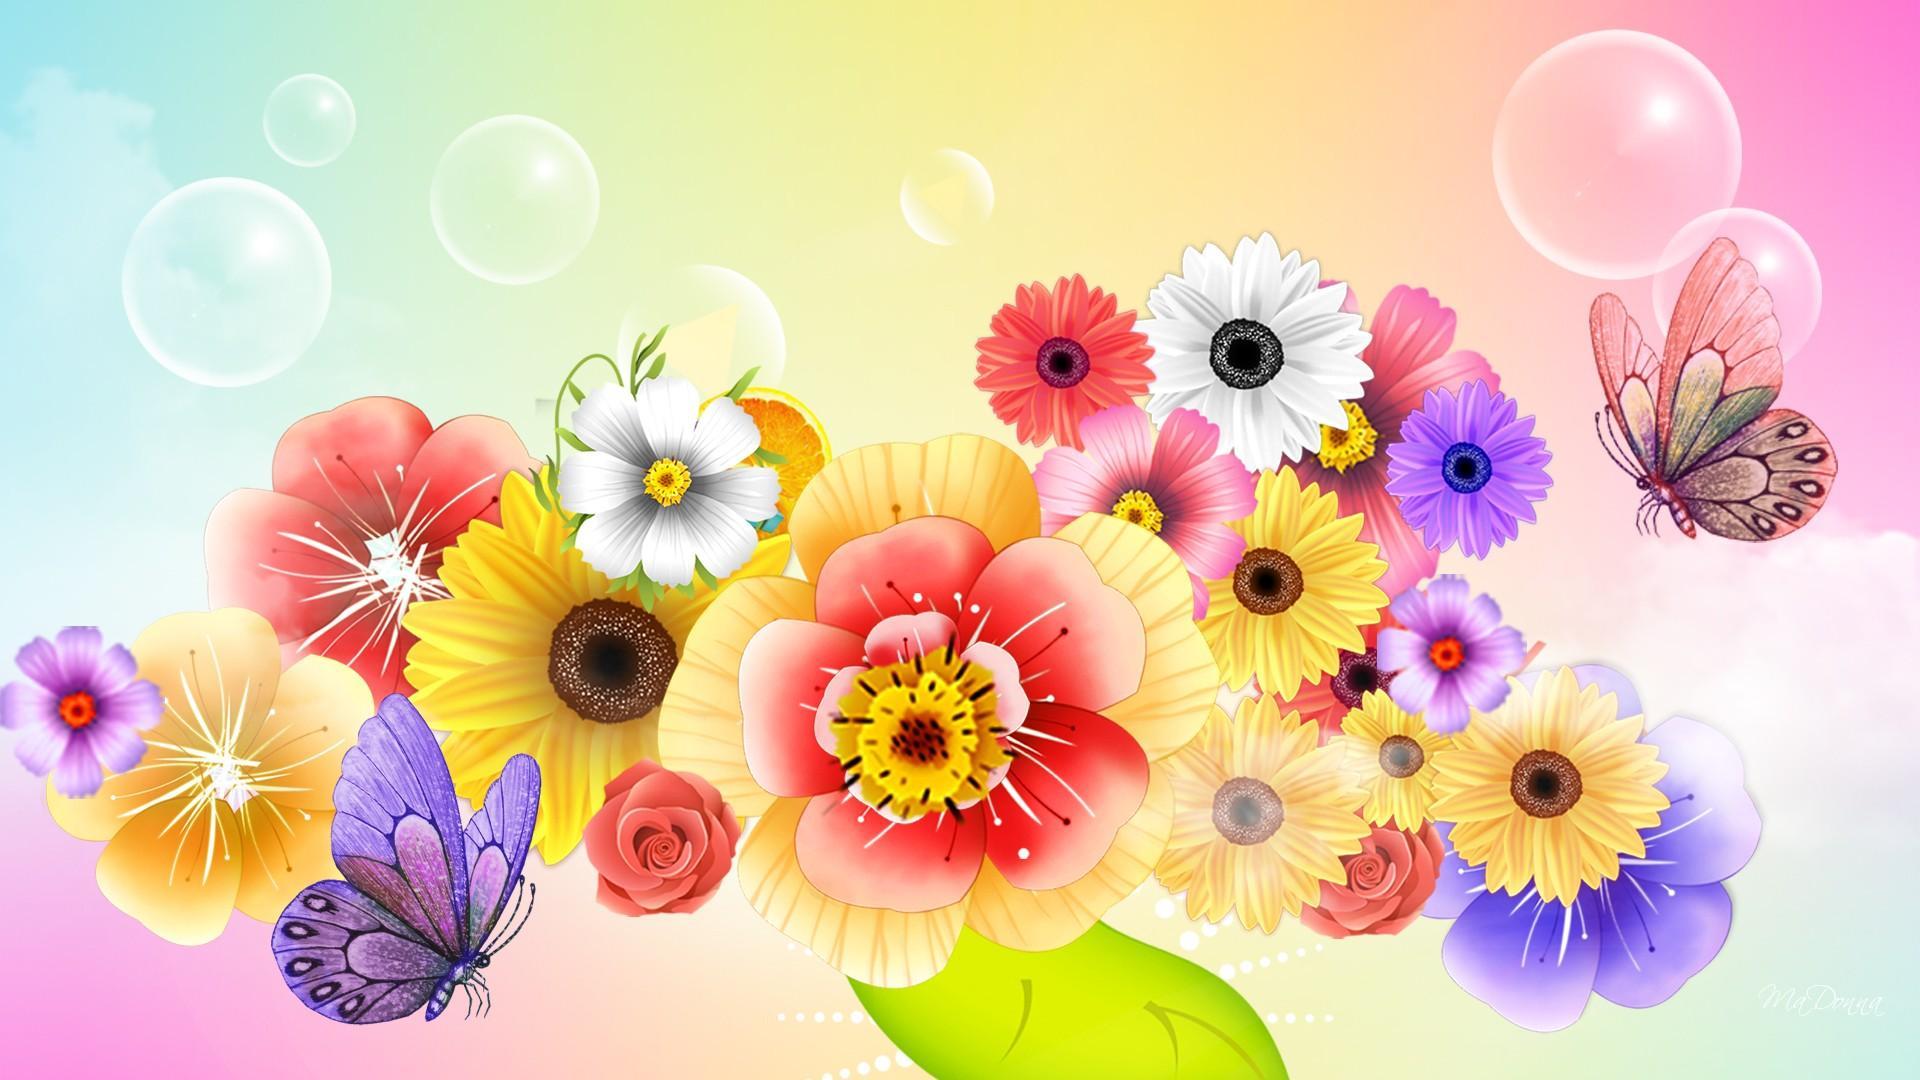 Abstract Summer Flowers Wallpaper